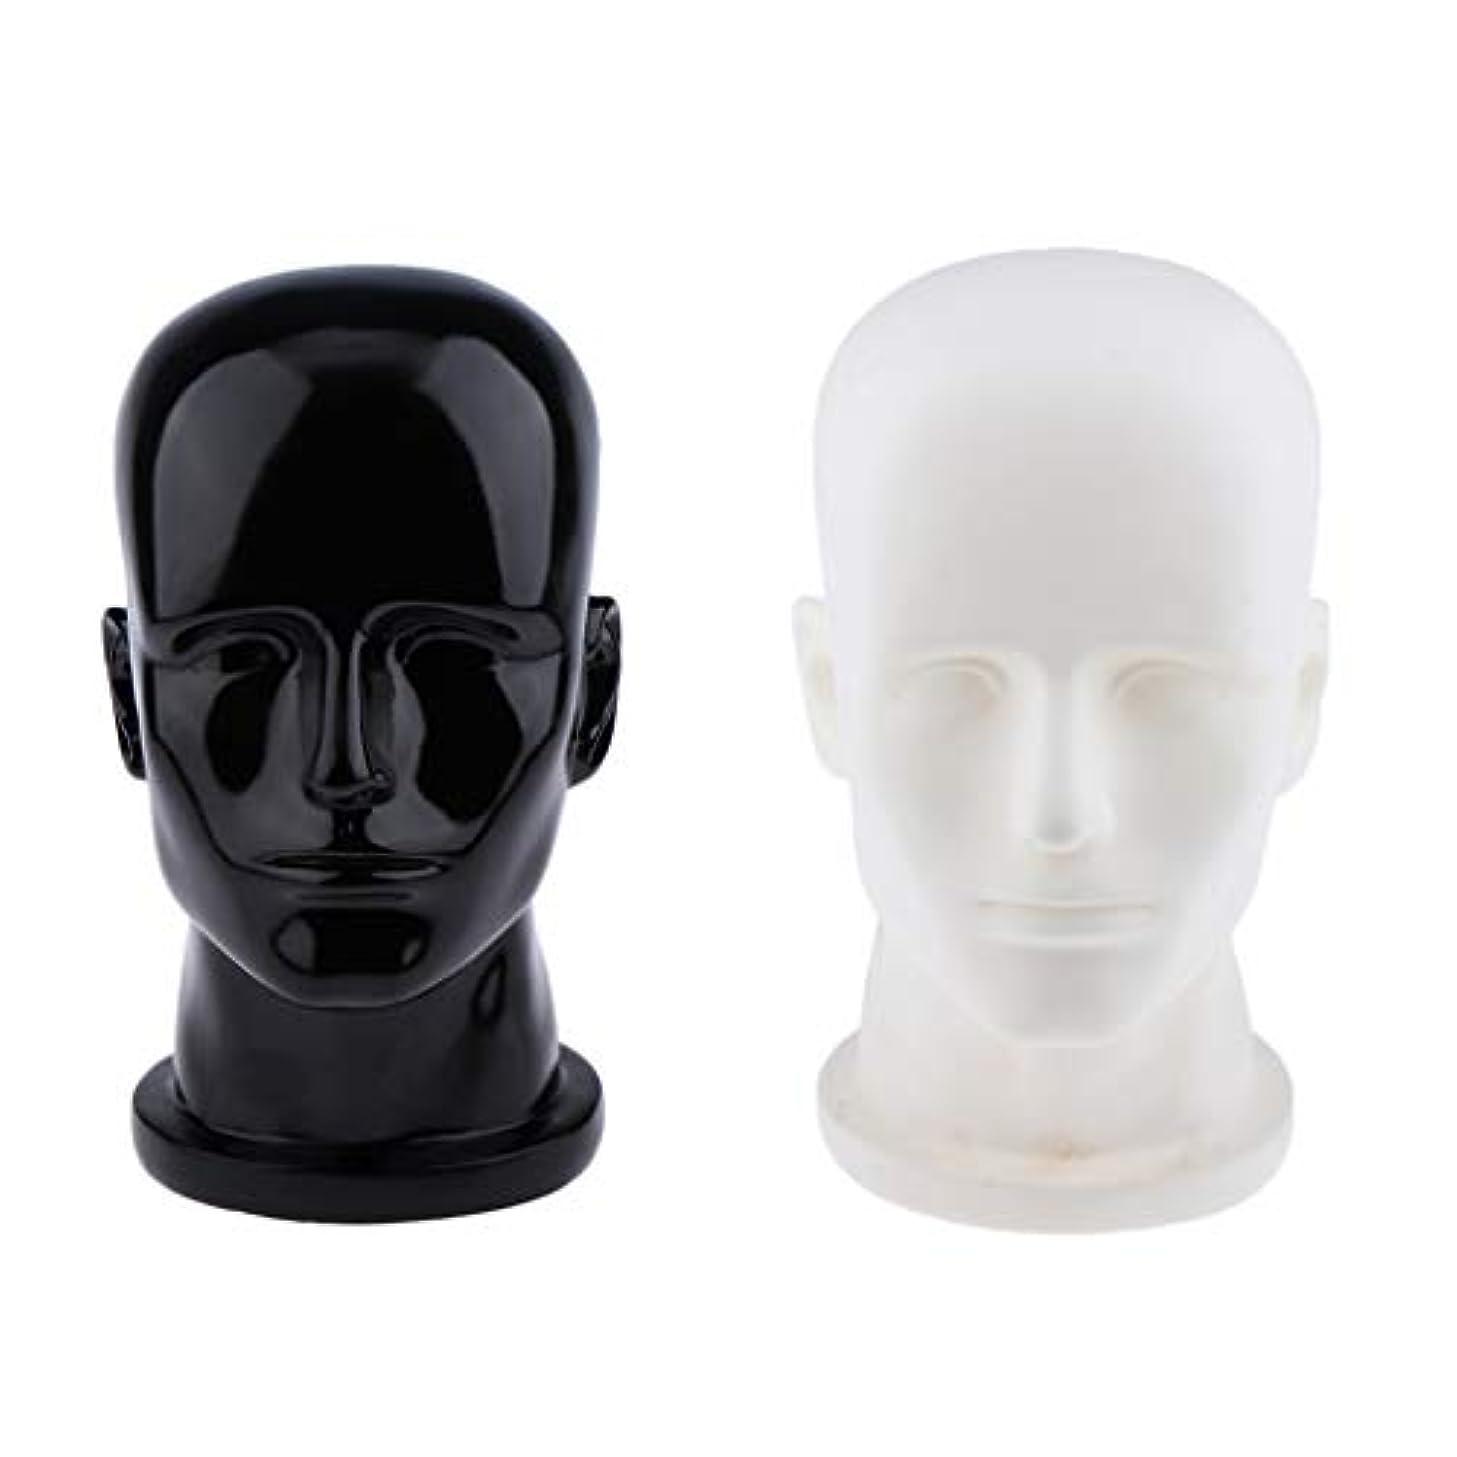 足首塩辛い思春期のSharplace マネキンヘッド 男性 人形頭 かつら作り マネキンヘッドモデル メガネ 帽子 ディスプレイ